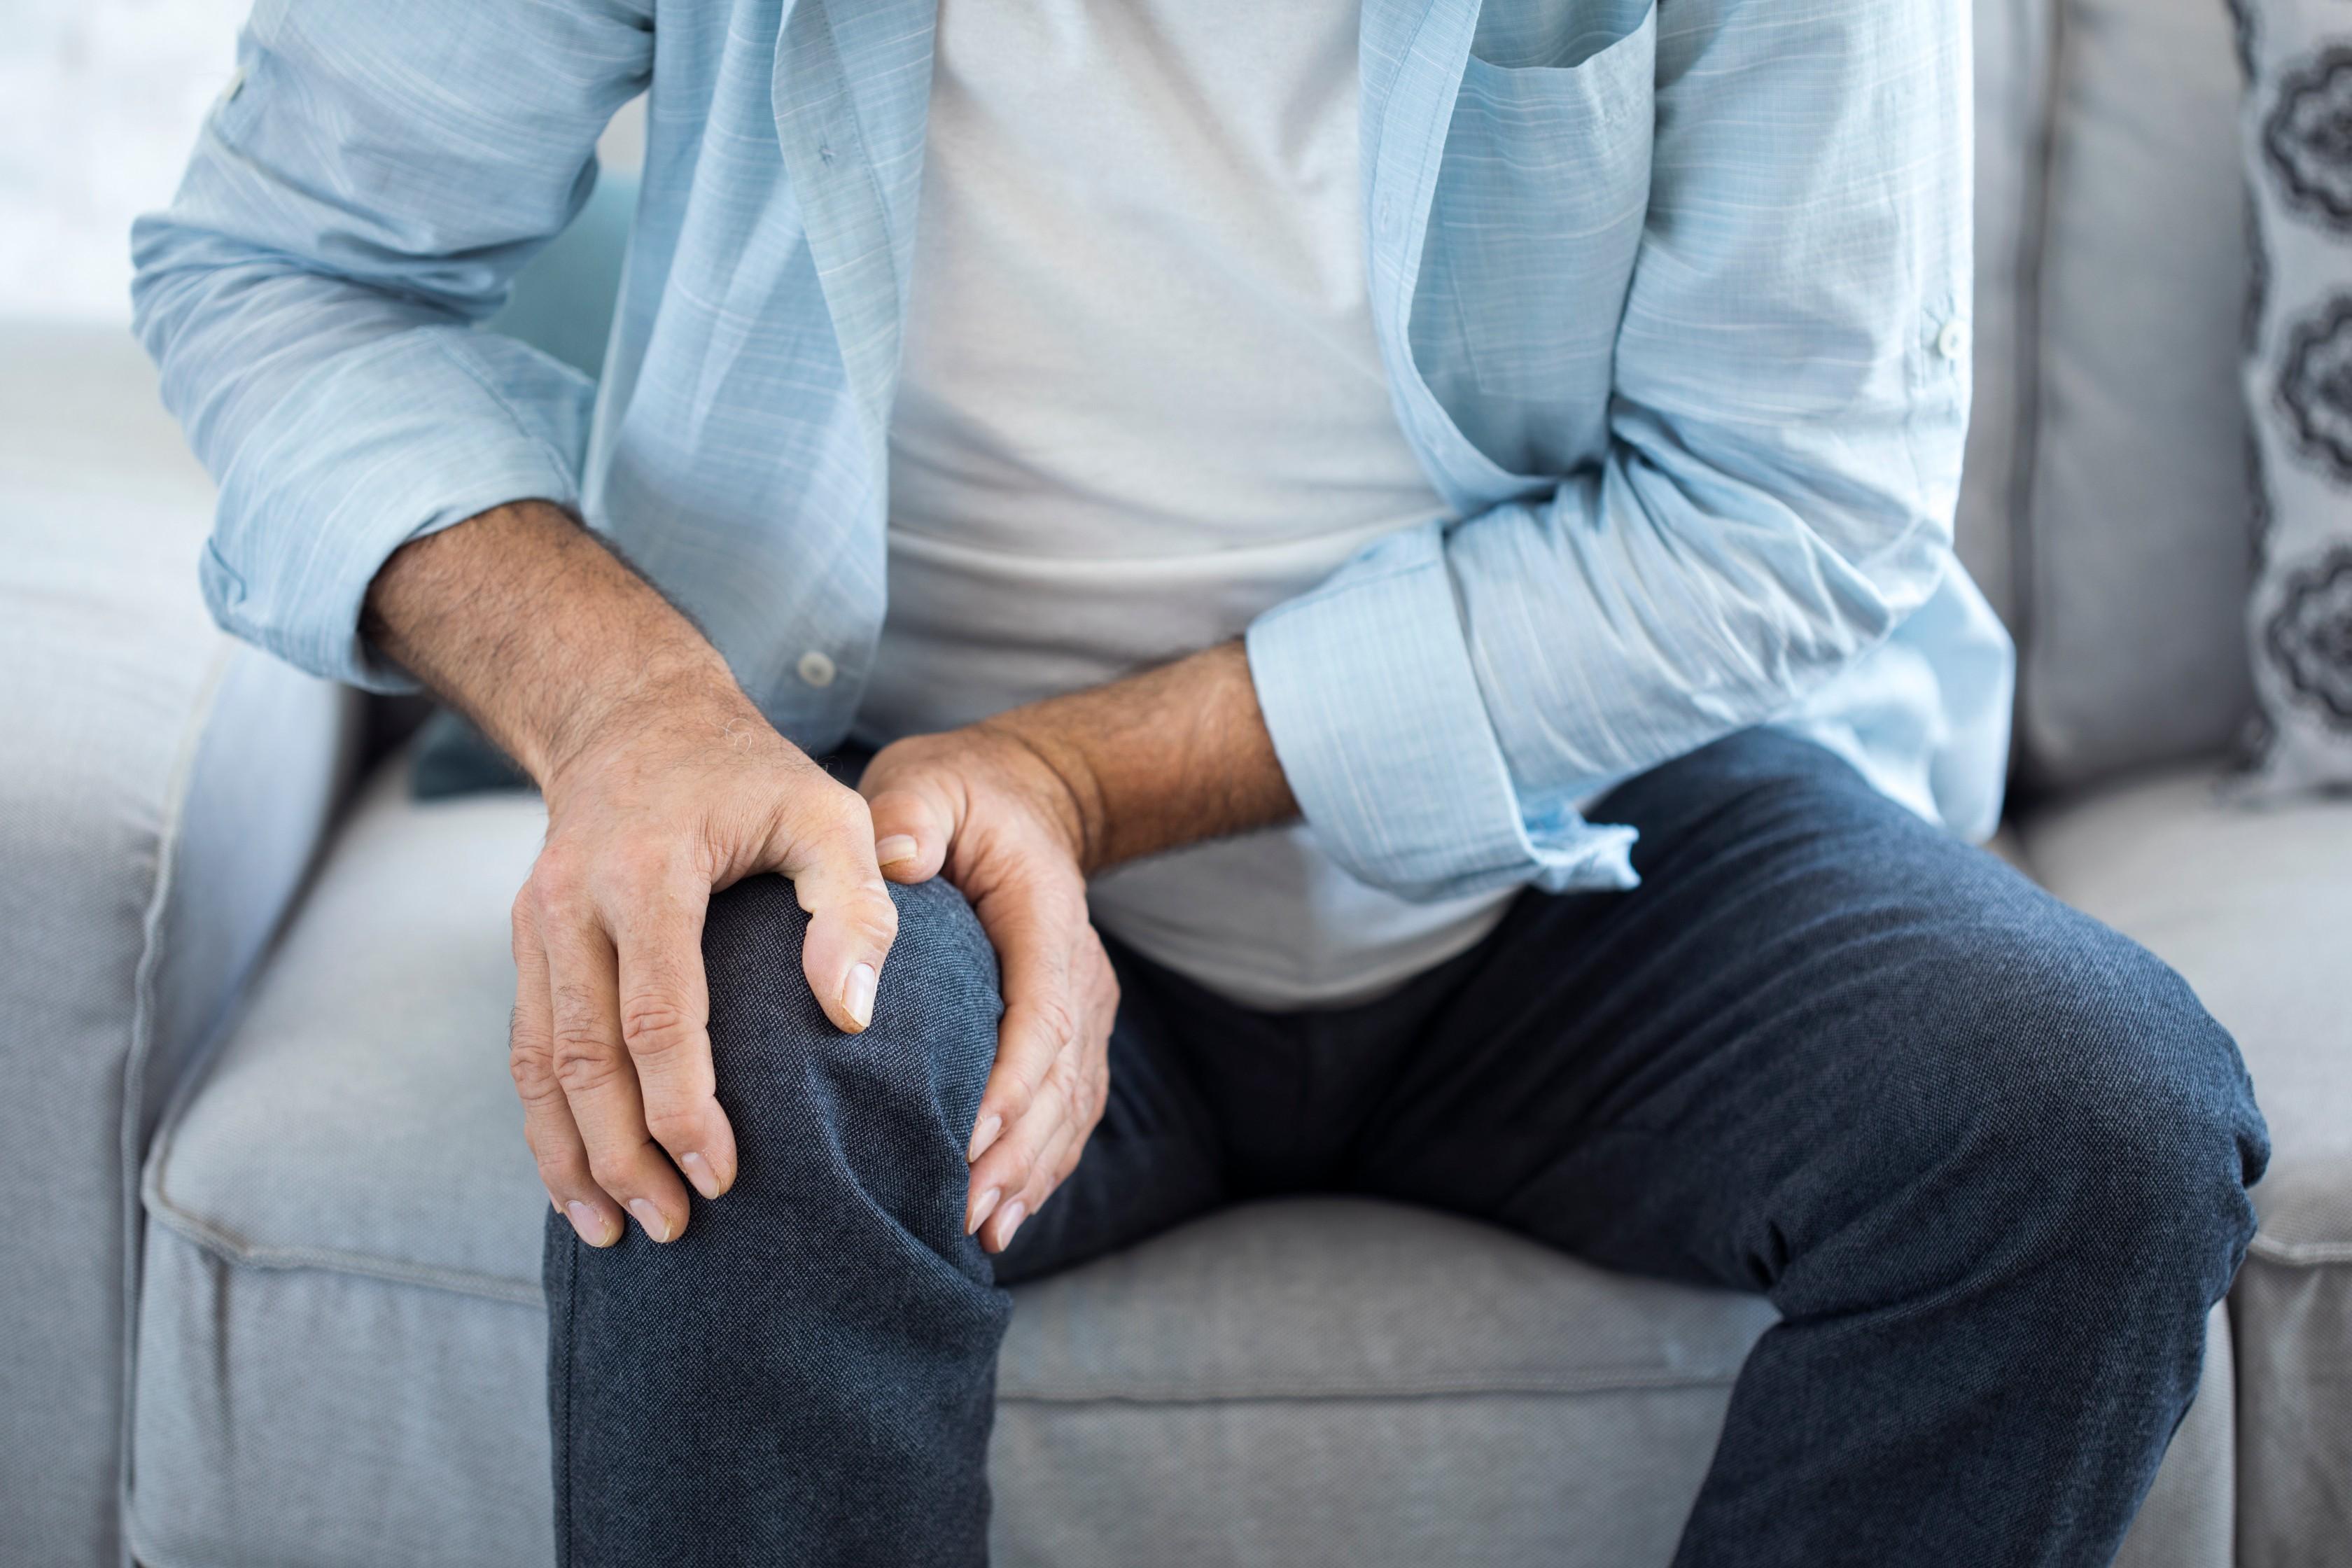 közös kezelés dzerzhinsk poszt-traumás váll és térd artrózis